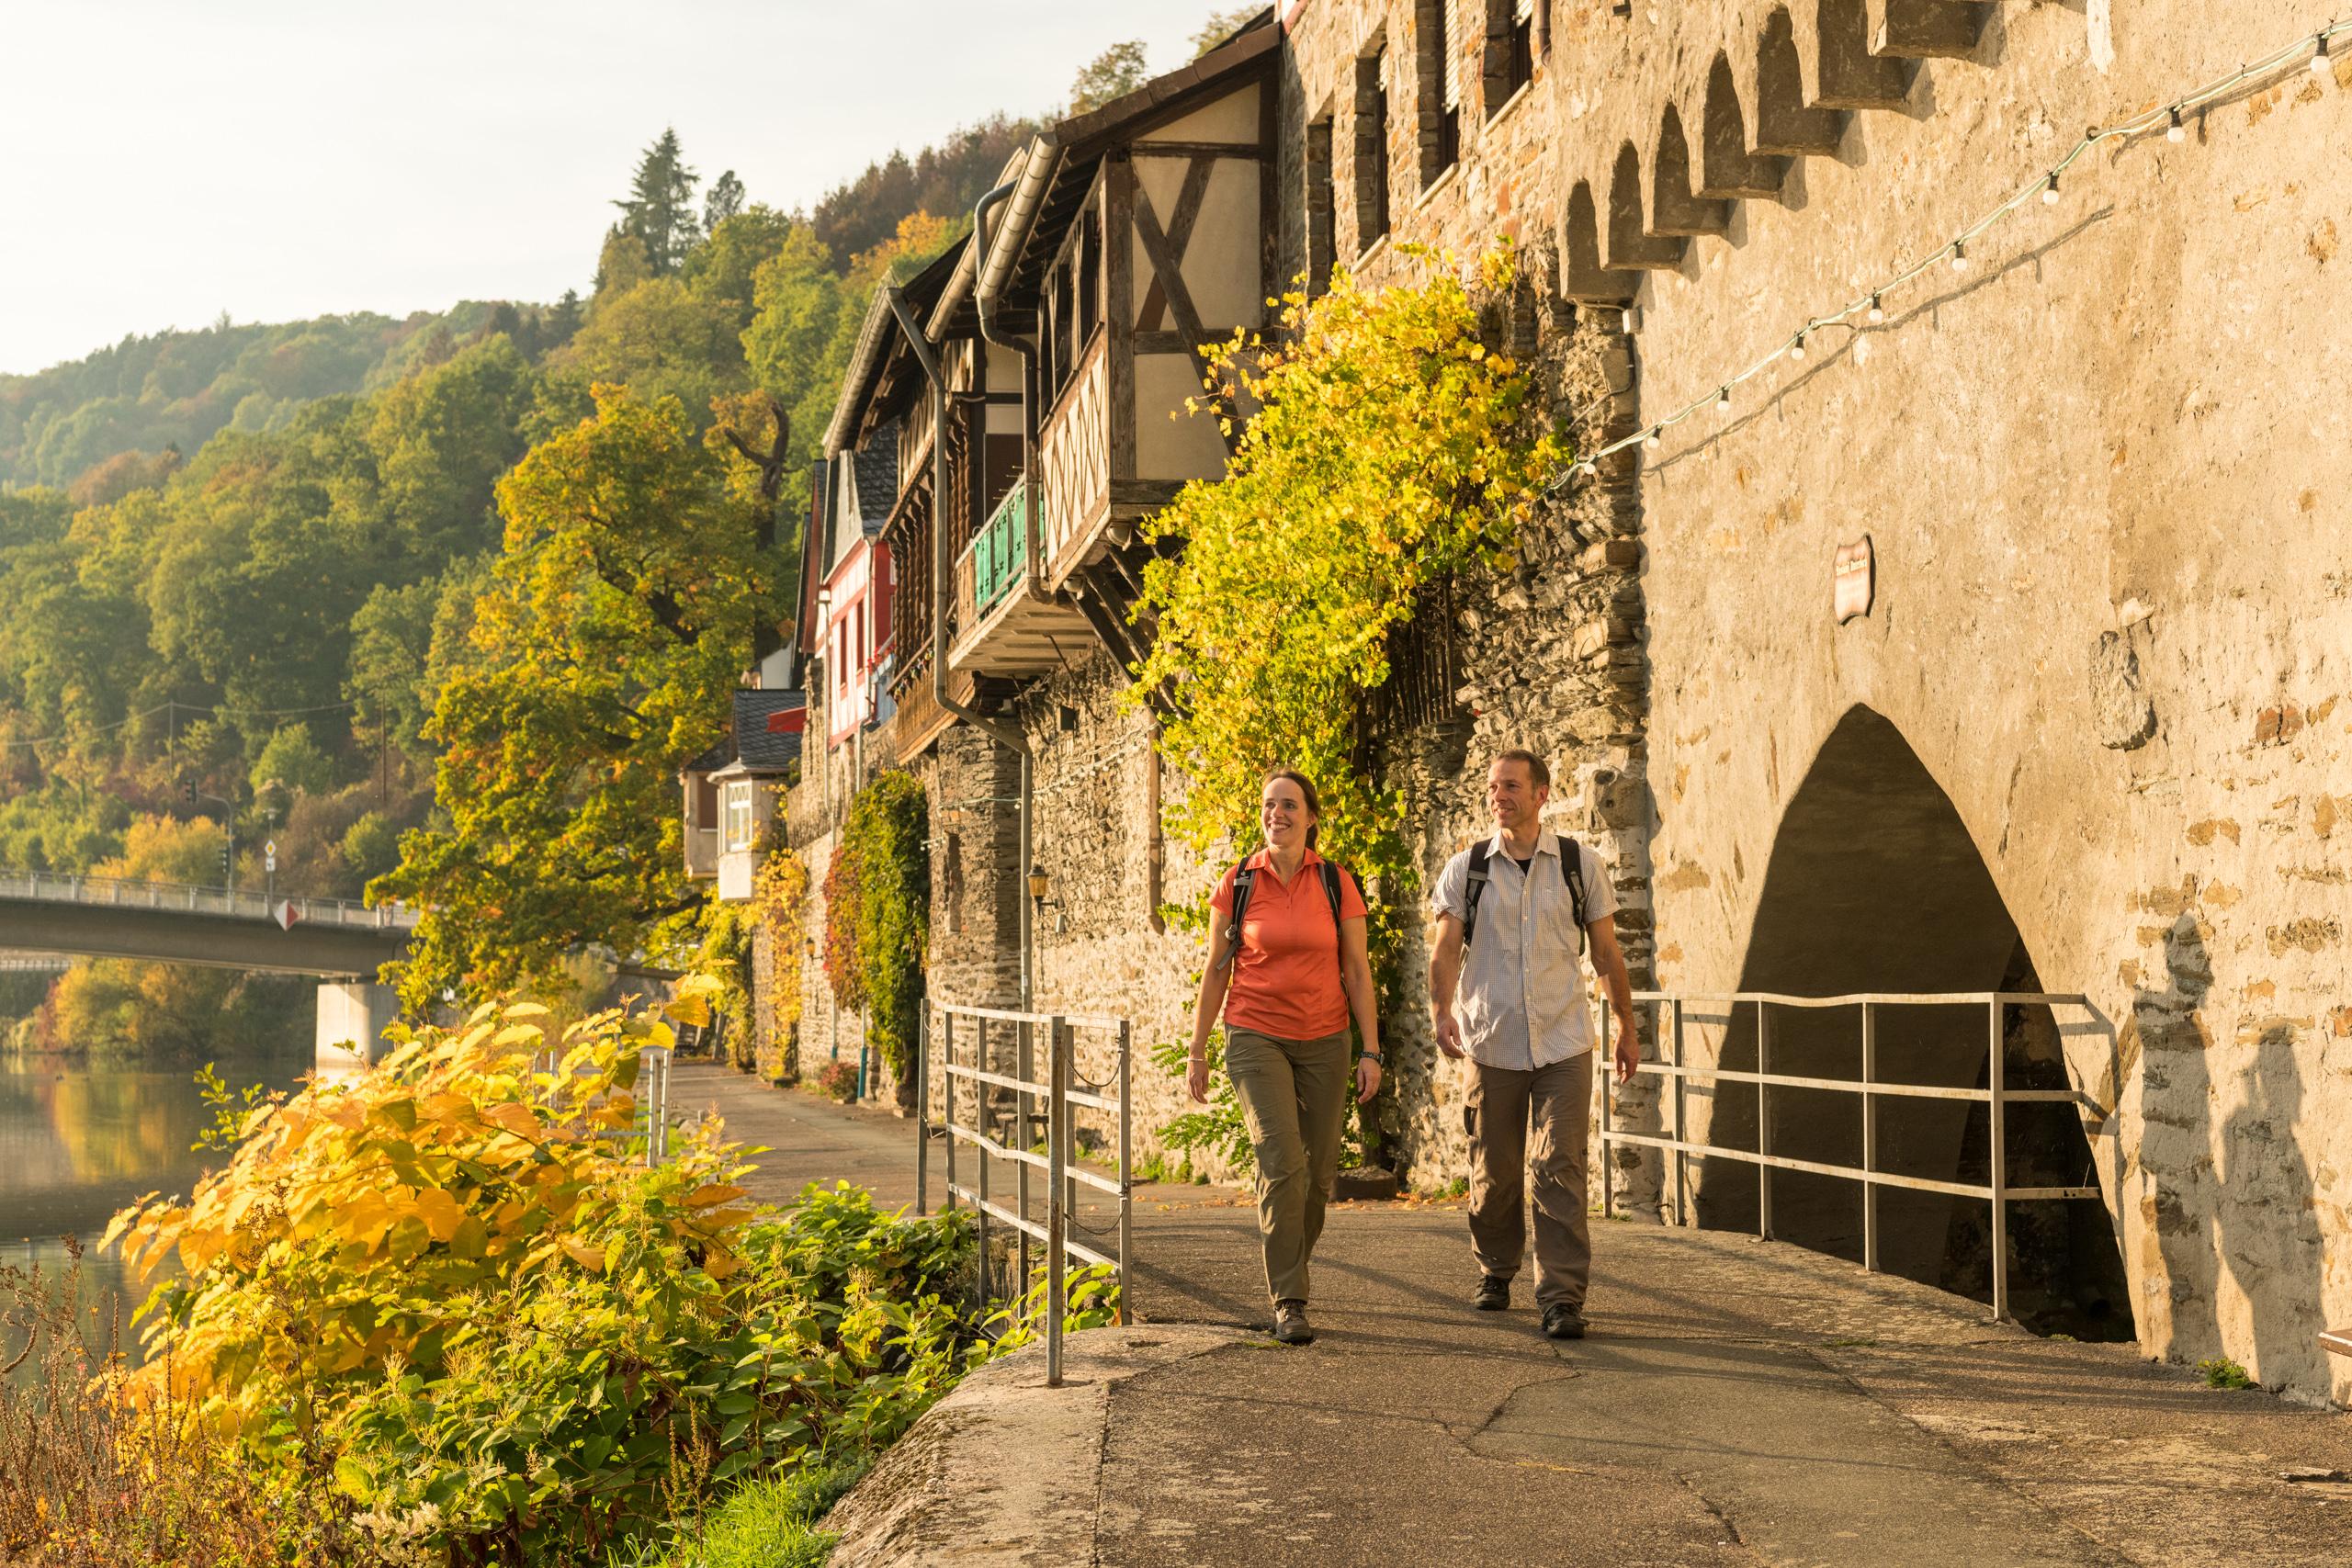 Entlang der mittelalterlichen Stadtmauer